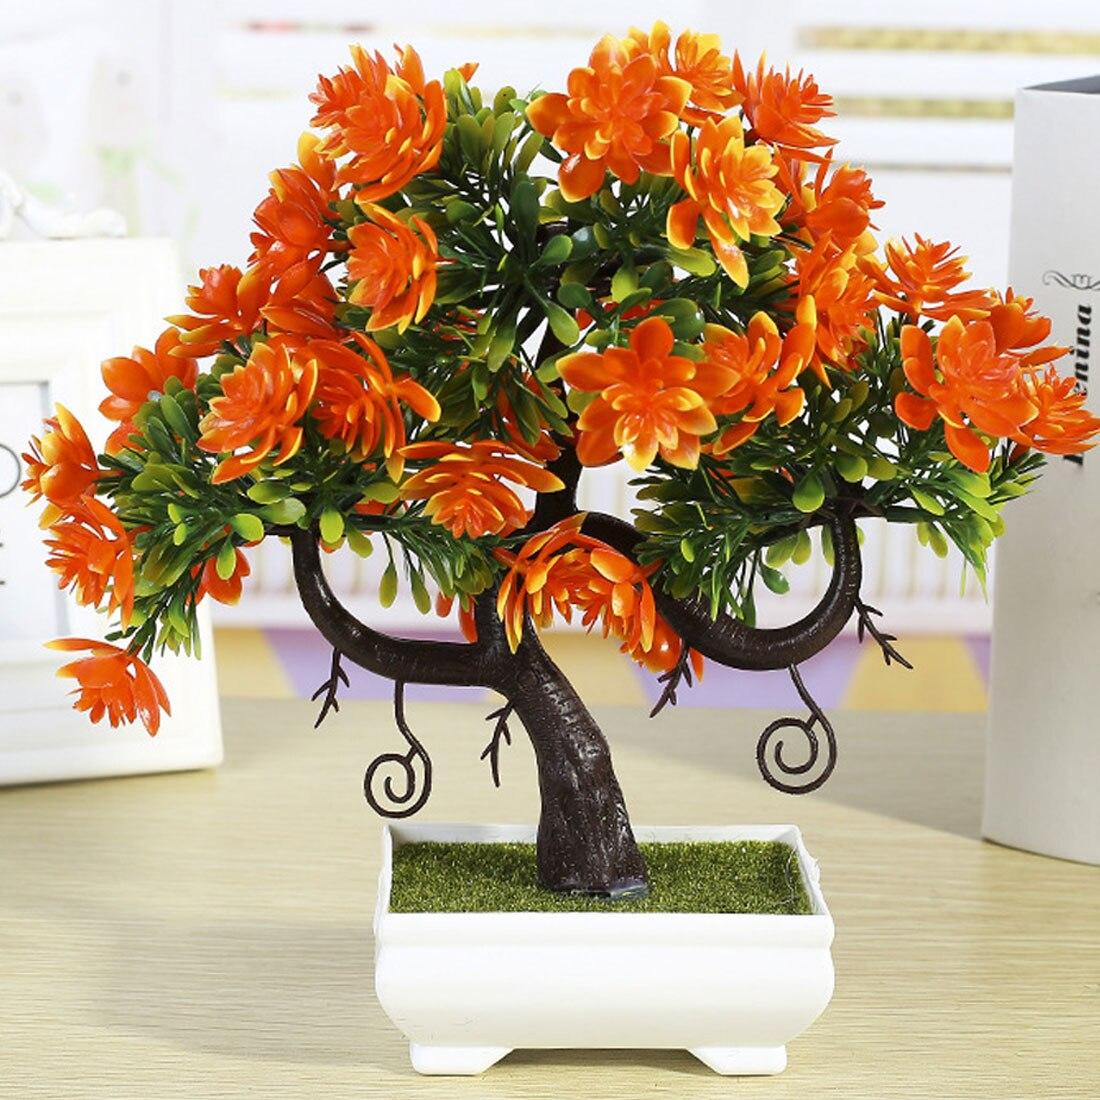 BESTOYARD 3 Stücke Mini Künstliche Sukkulenten Pflanzen Mit Weiß Keramik  Pflanzer Töpfe